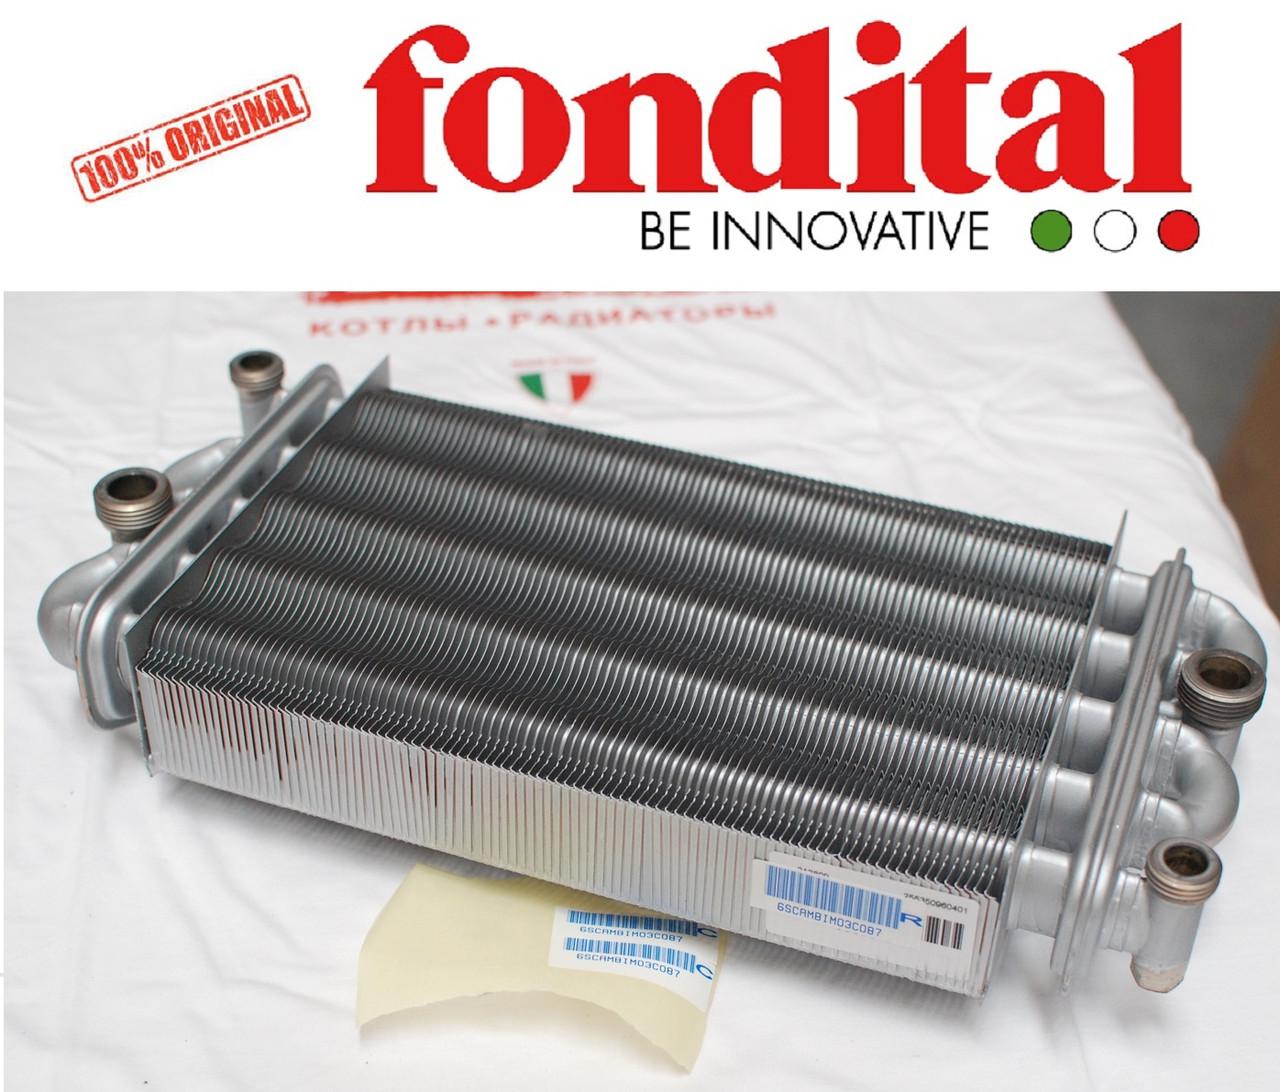 Теплообменник нова флорида купить Подогреватель высокого давления ПВД-375-23-3,5-1 Одинцово